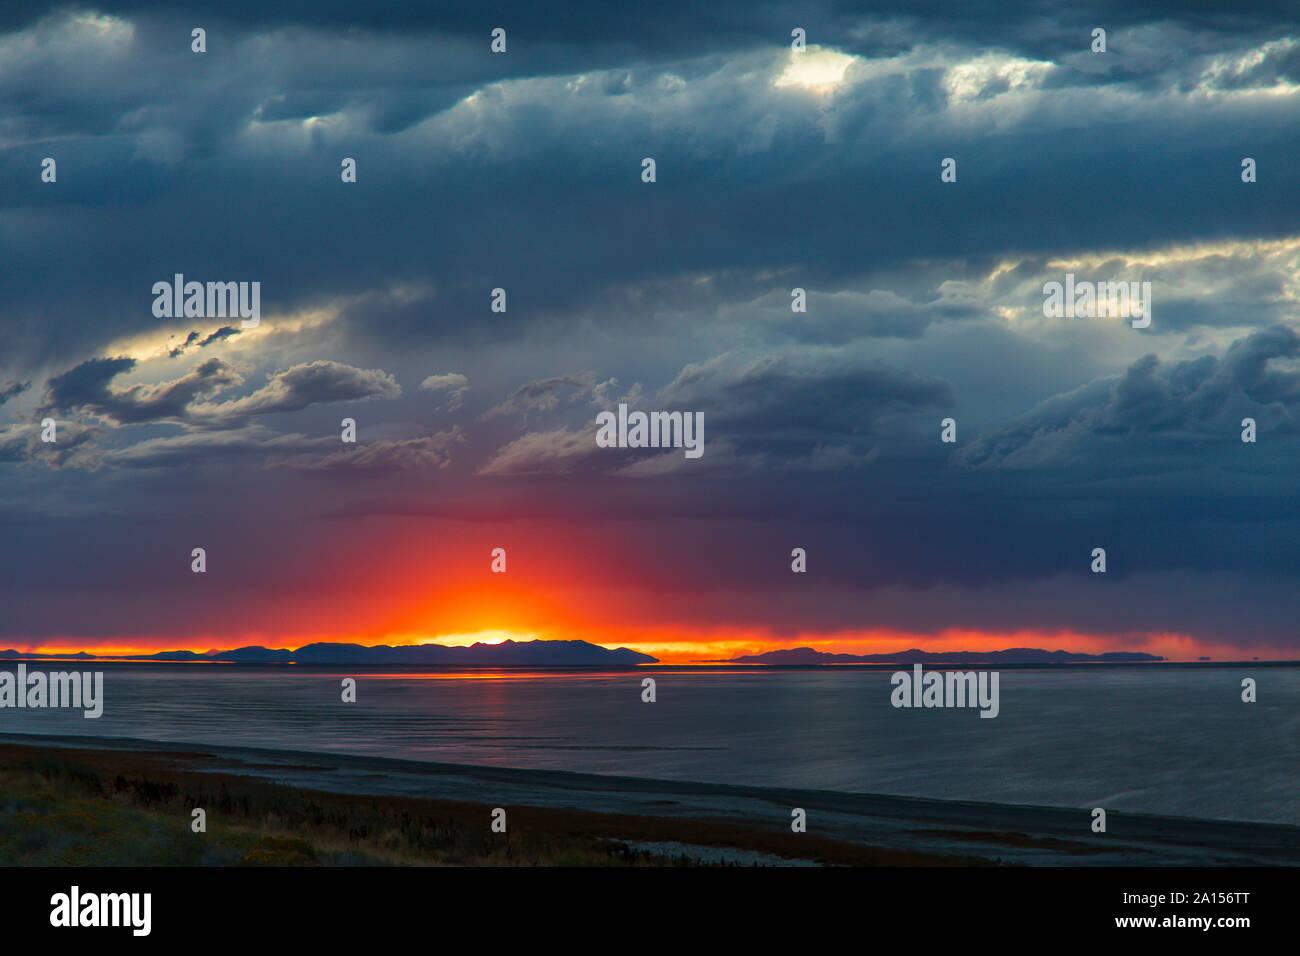 En esta foto el sol sobre las montañas de Lakeside lanza un resplandor en las amenazadoras nubes encima y reflexionando sobre el Gran Lago Salado. Foto de stock